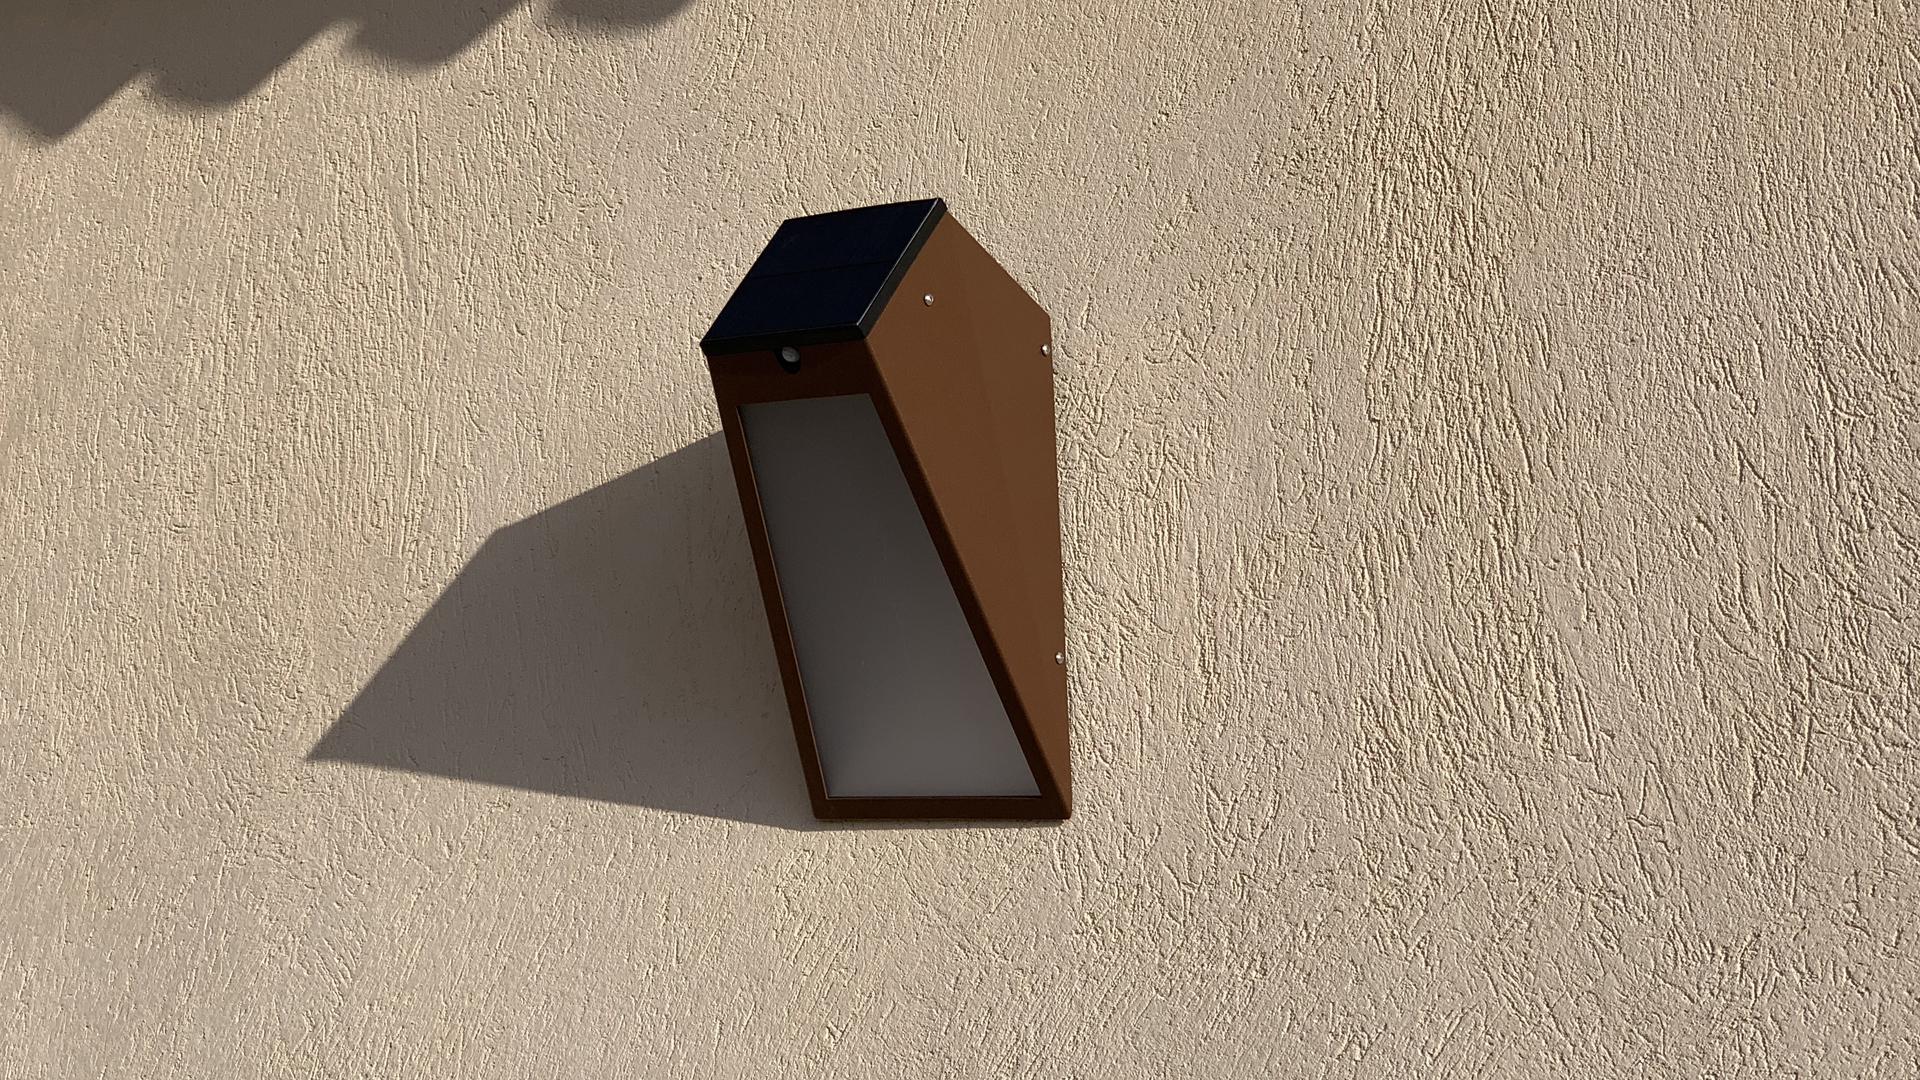 L' applique solaire extérieure APS 025 LYX Luminaires est fabriquée en acier rouille Corten. Cette applique murale solaire puissante d'extérieur est équipée d'un capteur solaire performant. Cette lampe solaire extérieure murale fait partie avec les appliques murales LED basse consommation LYX Luminaires de la vaste collection d' appliques murales extérieures LYX Luminaires. L'applique murale design APS 025 est idéale pour l'éclairage de piliers, l'éclairage de portail, l'éclairage de façade, l'éclairage d'entrée, l'éclairage de terrasses, l'éclairage de balcons. Une applique solaire extérieure design pour un éclairage mural moderne et un éclairage mural puissant.